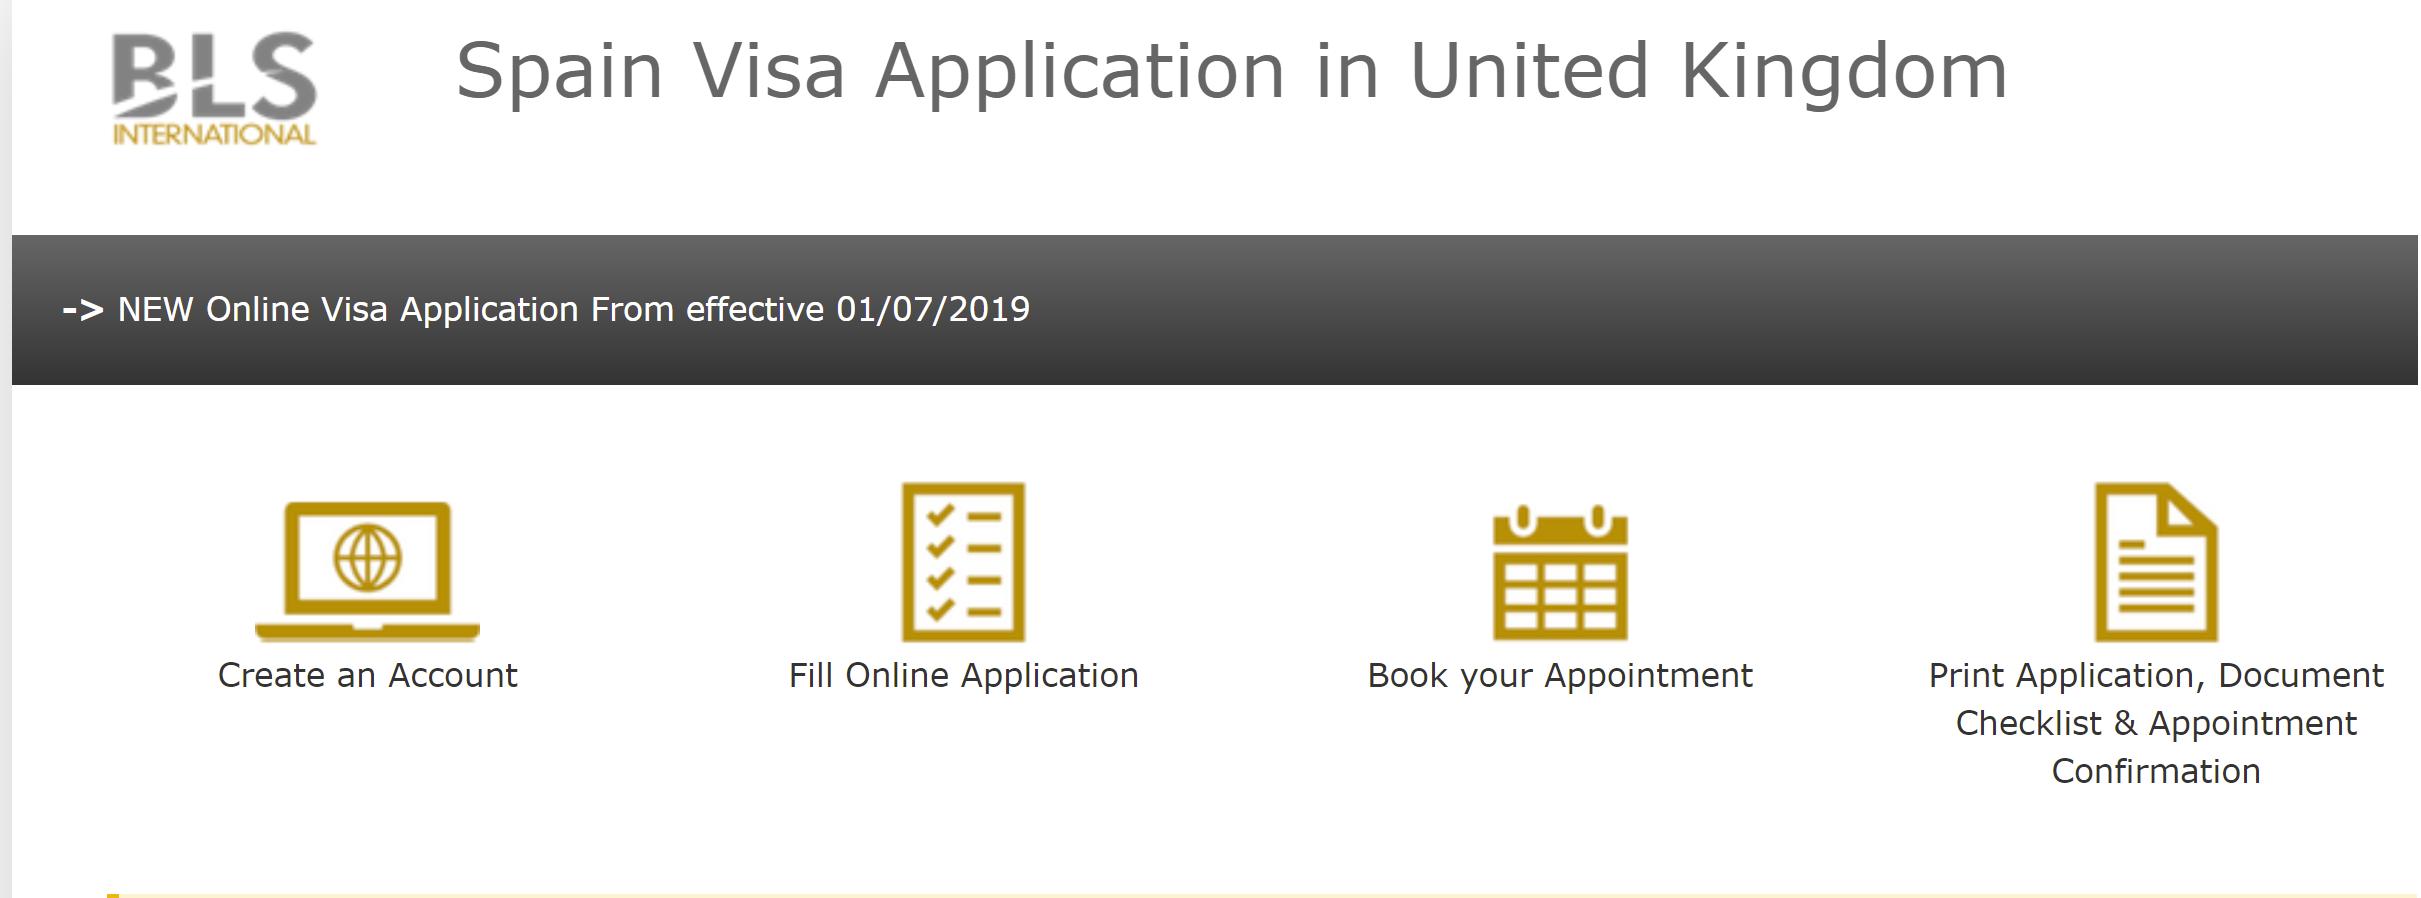 BLS-International-Visa-Process-By-VisaBookings